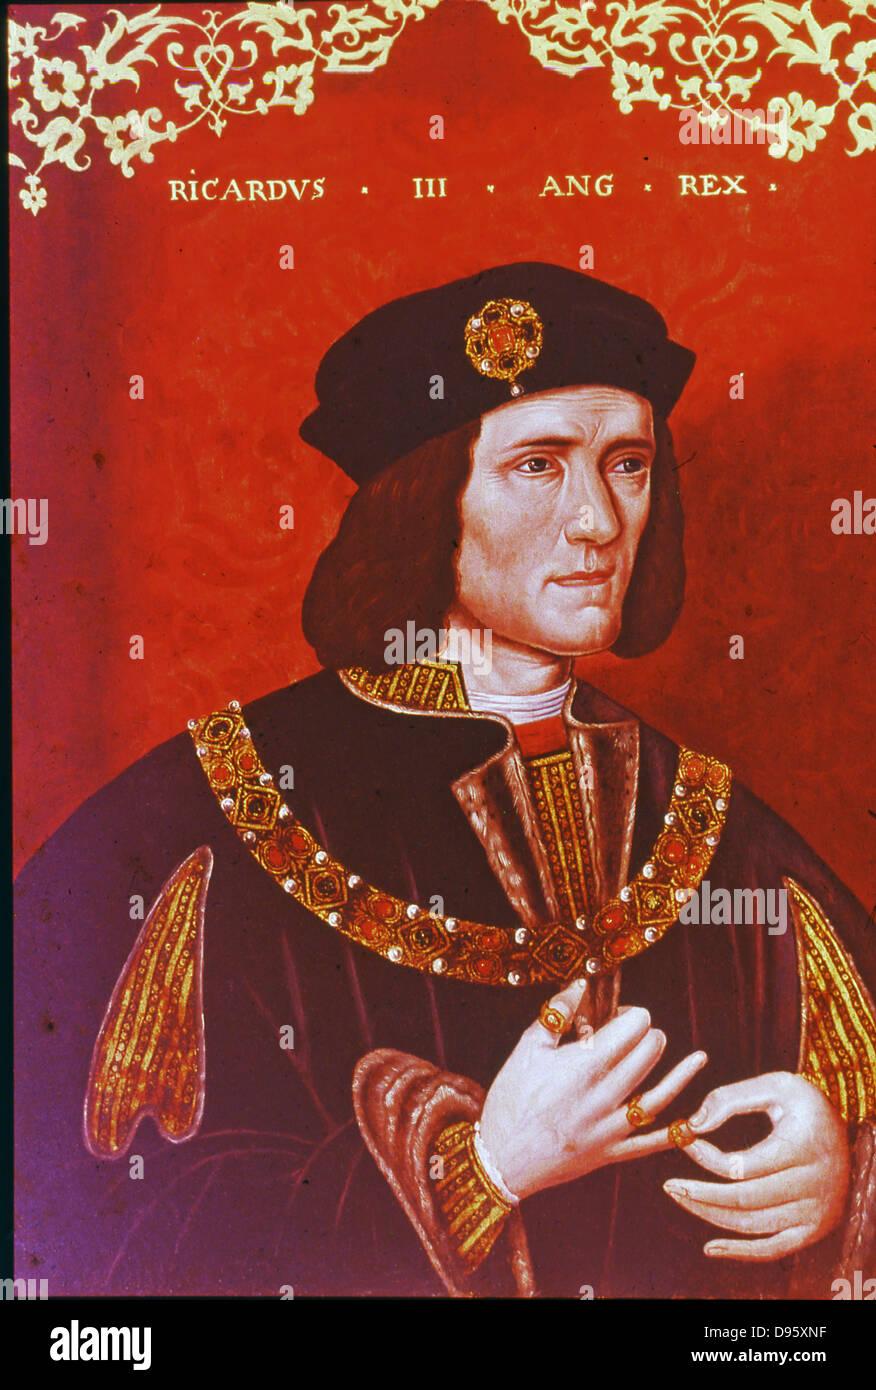 Richard III (1452-1485) King of England from 1483. - Stock Image